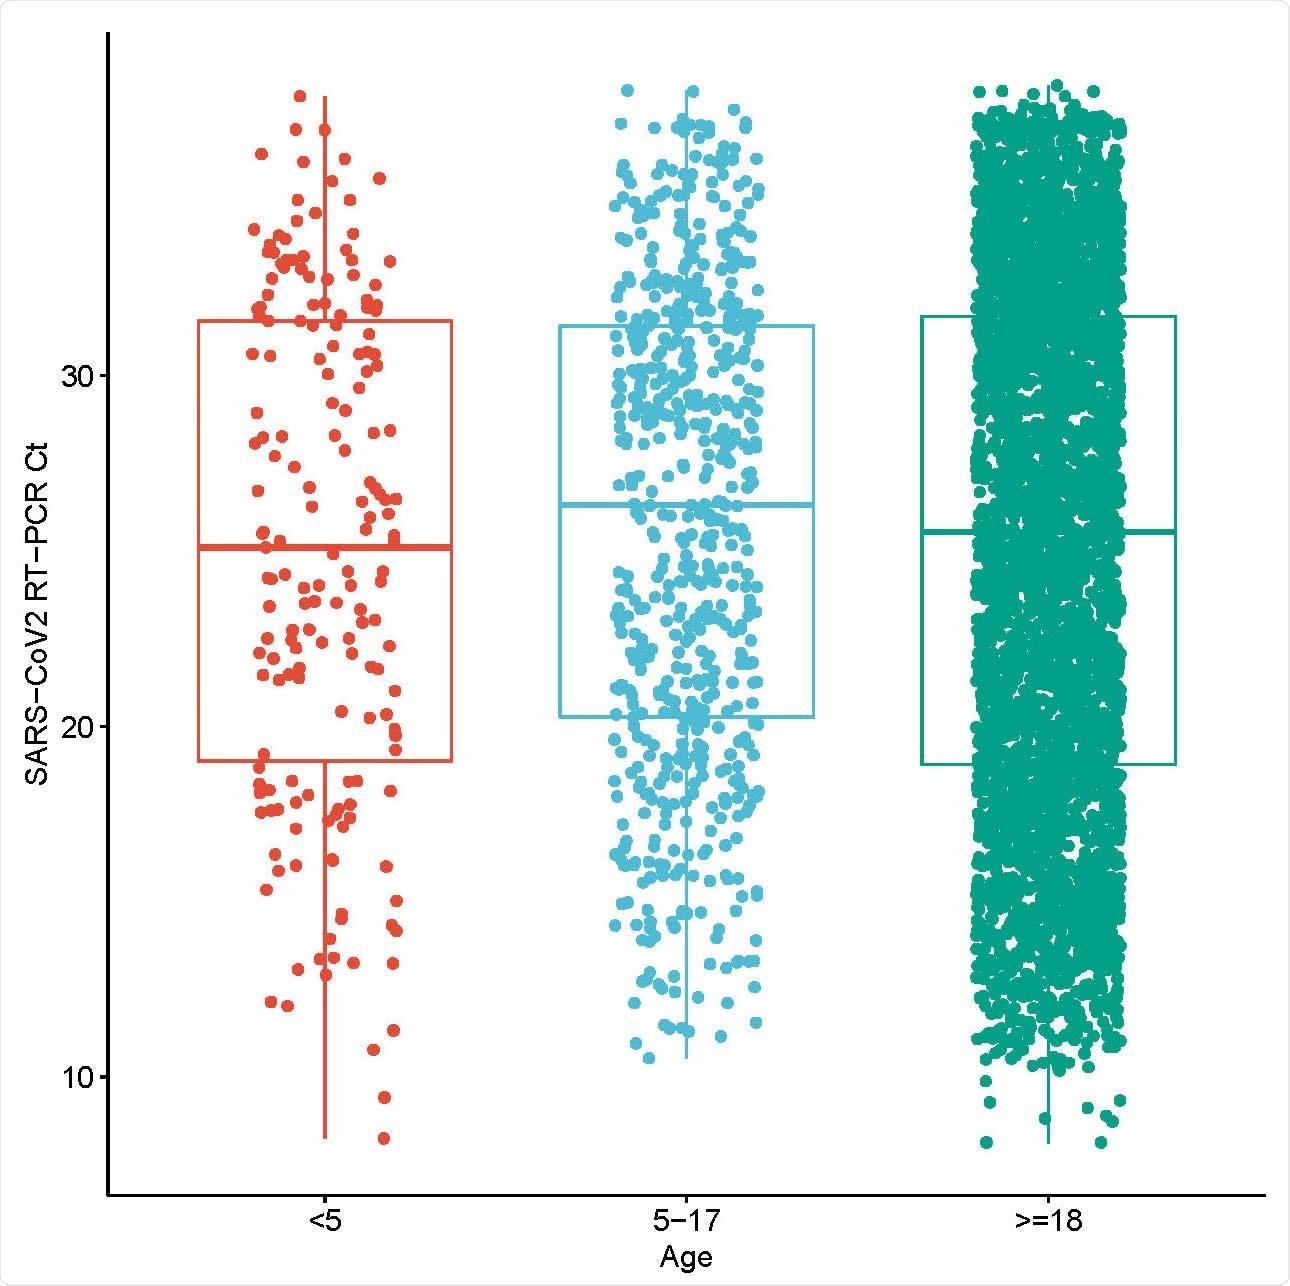 A idade distribuiu o conteúdo SARS-CoV2 em acido nucleico viral nasopharyngeal. Ácido SARS-CoV2 nucleico viral detectado no tempo real RT-PCR em cotonetes nasopharyngeal dos pacientes contaminados com SARS-CoV-2